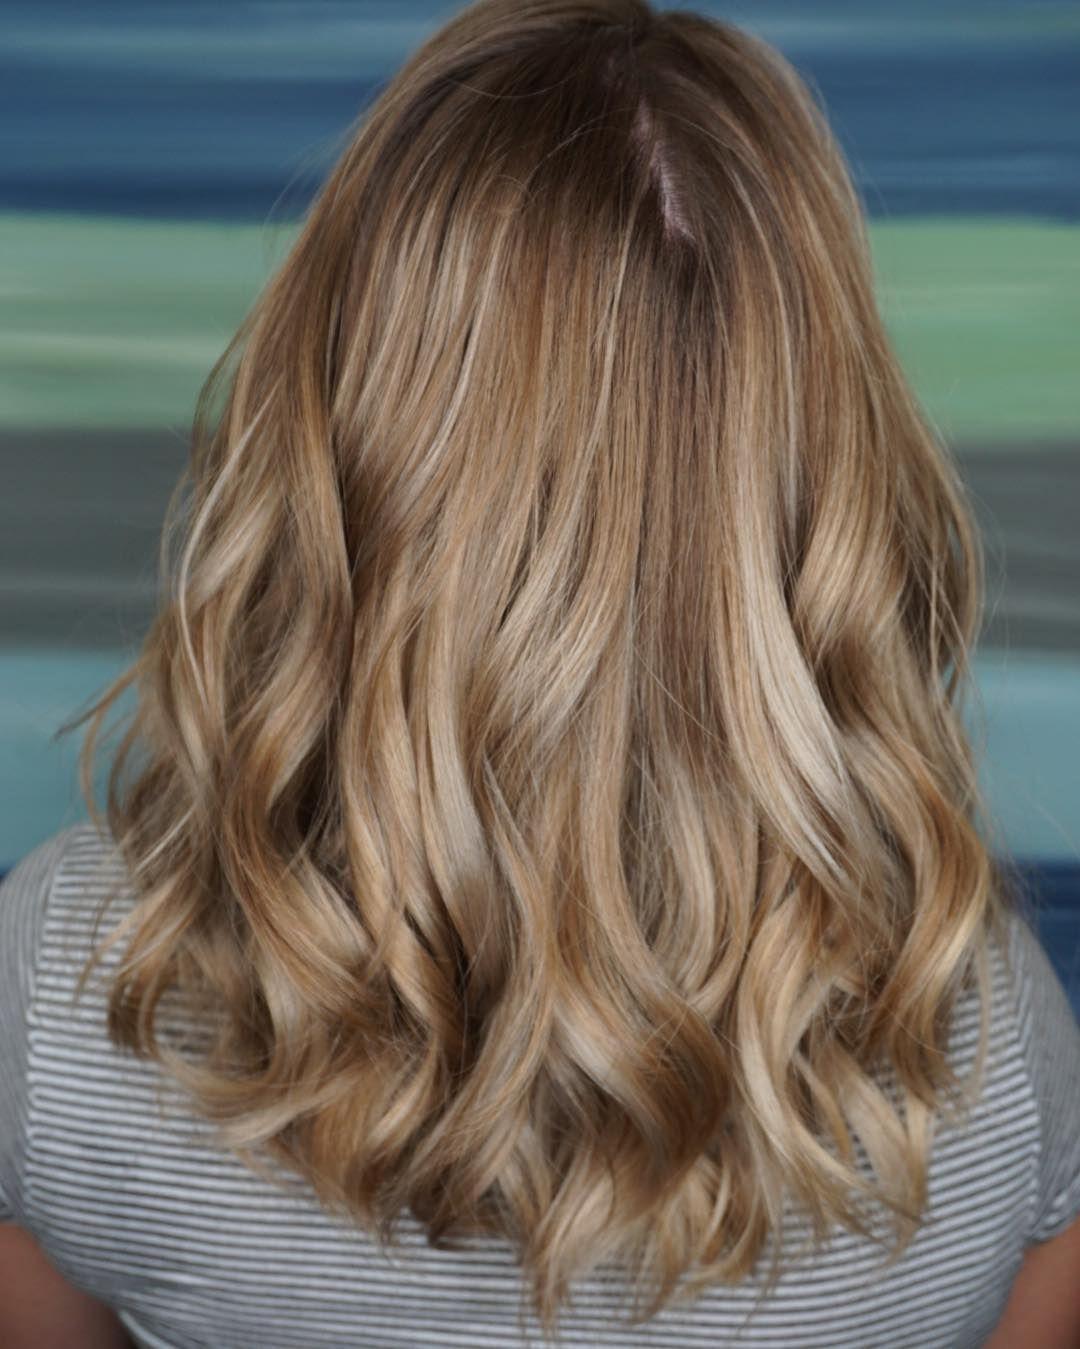 Multi tonal blonde blonde blonde i love the soft natural